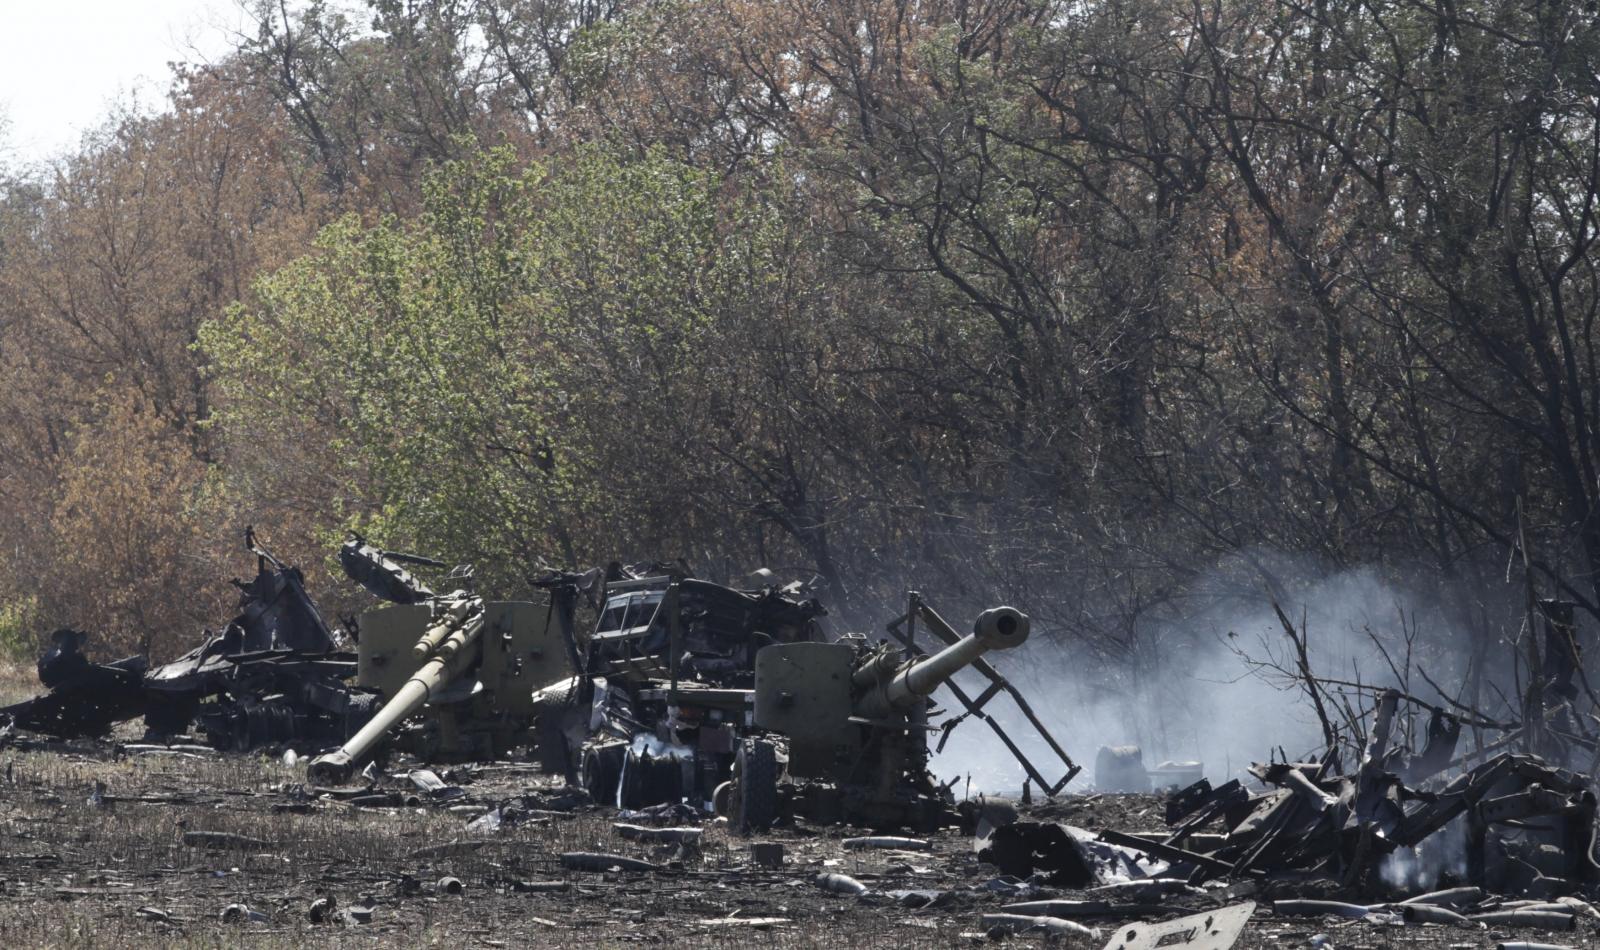 Artillery shelling in eastern Ukraine